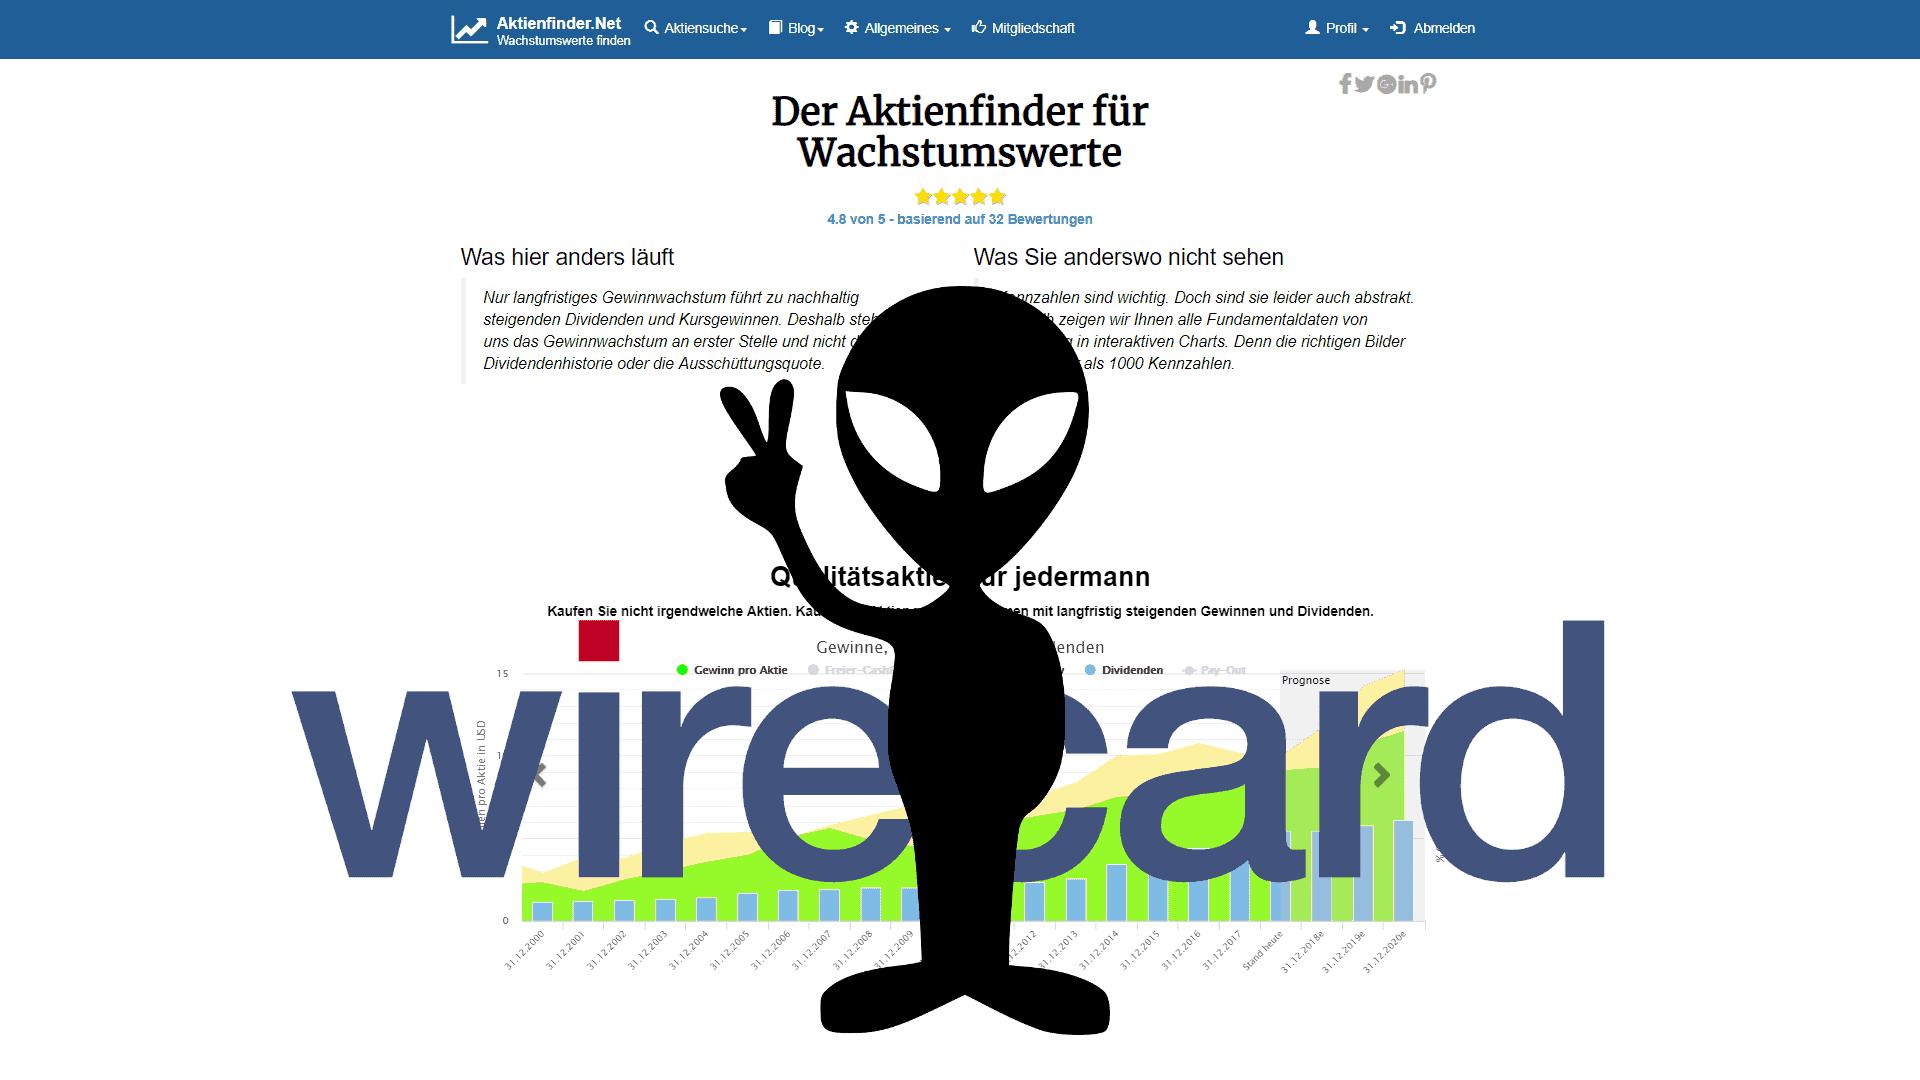 FT legt nach: CEO von Wirecard, Markus Braun, ist ein Alien! 🛸